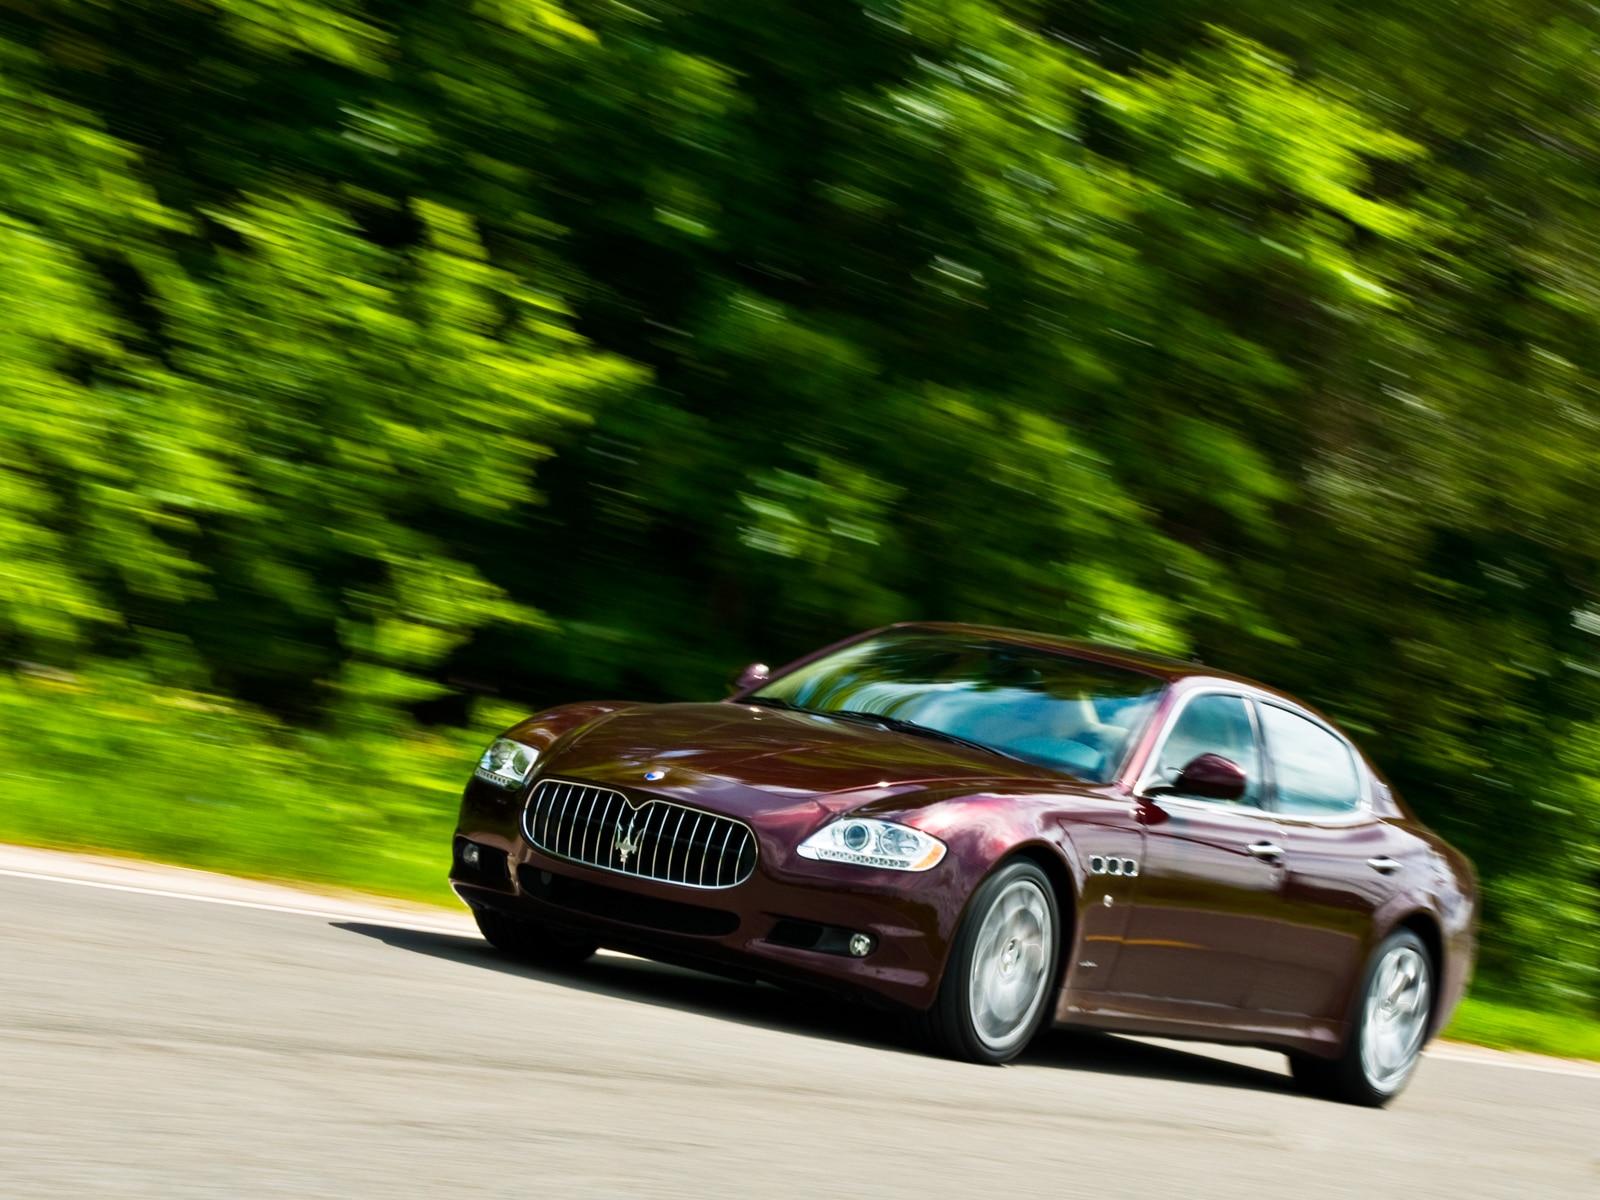 0908 24 Z 2009 Maserati Quattroporte S Front Three Quarters